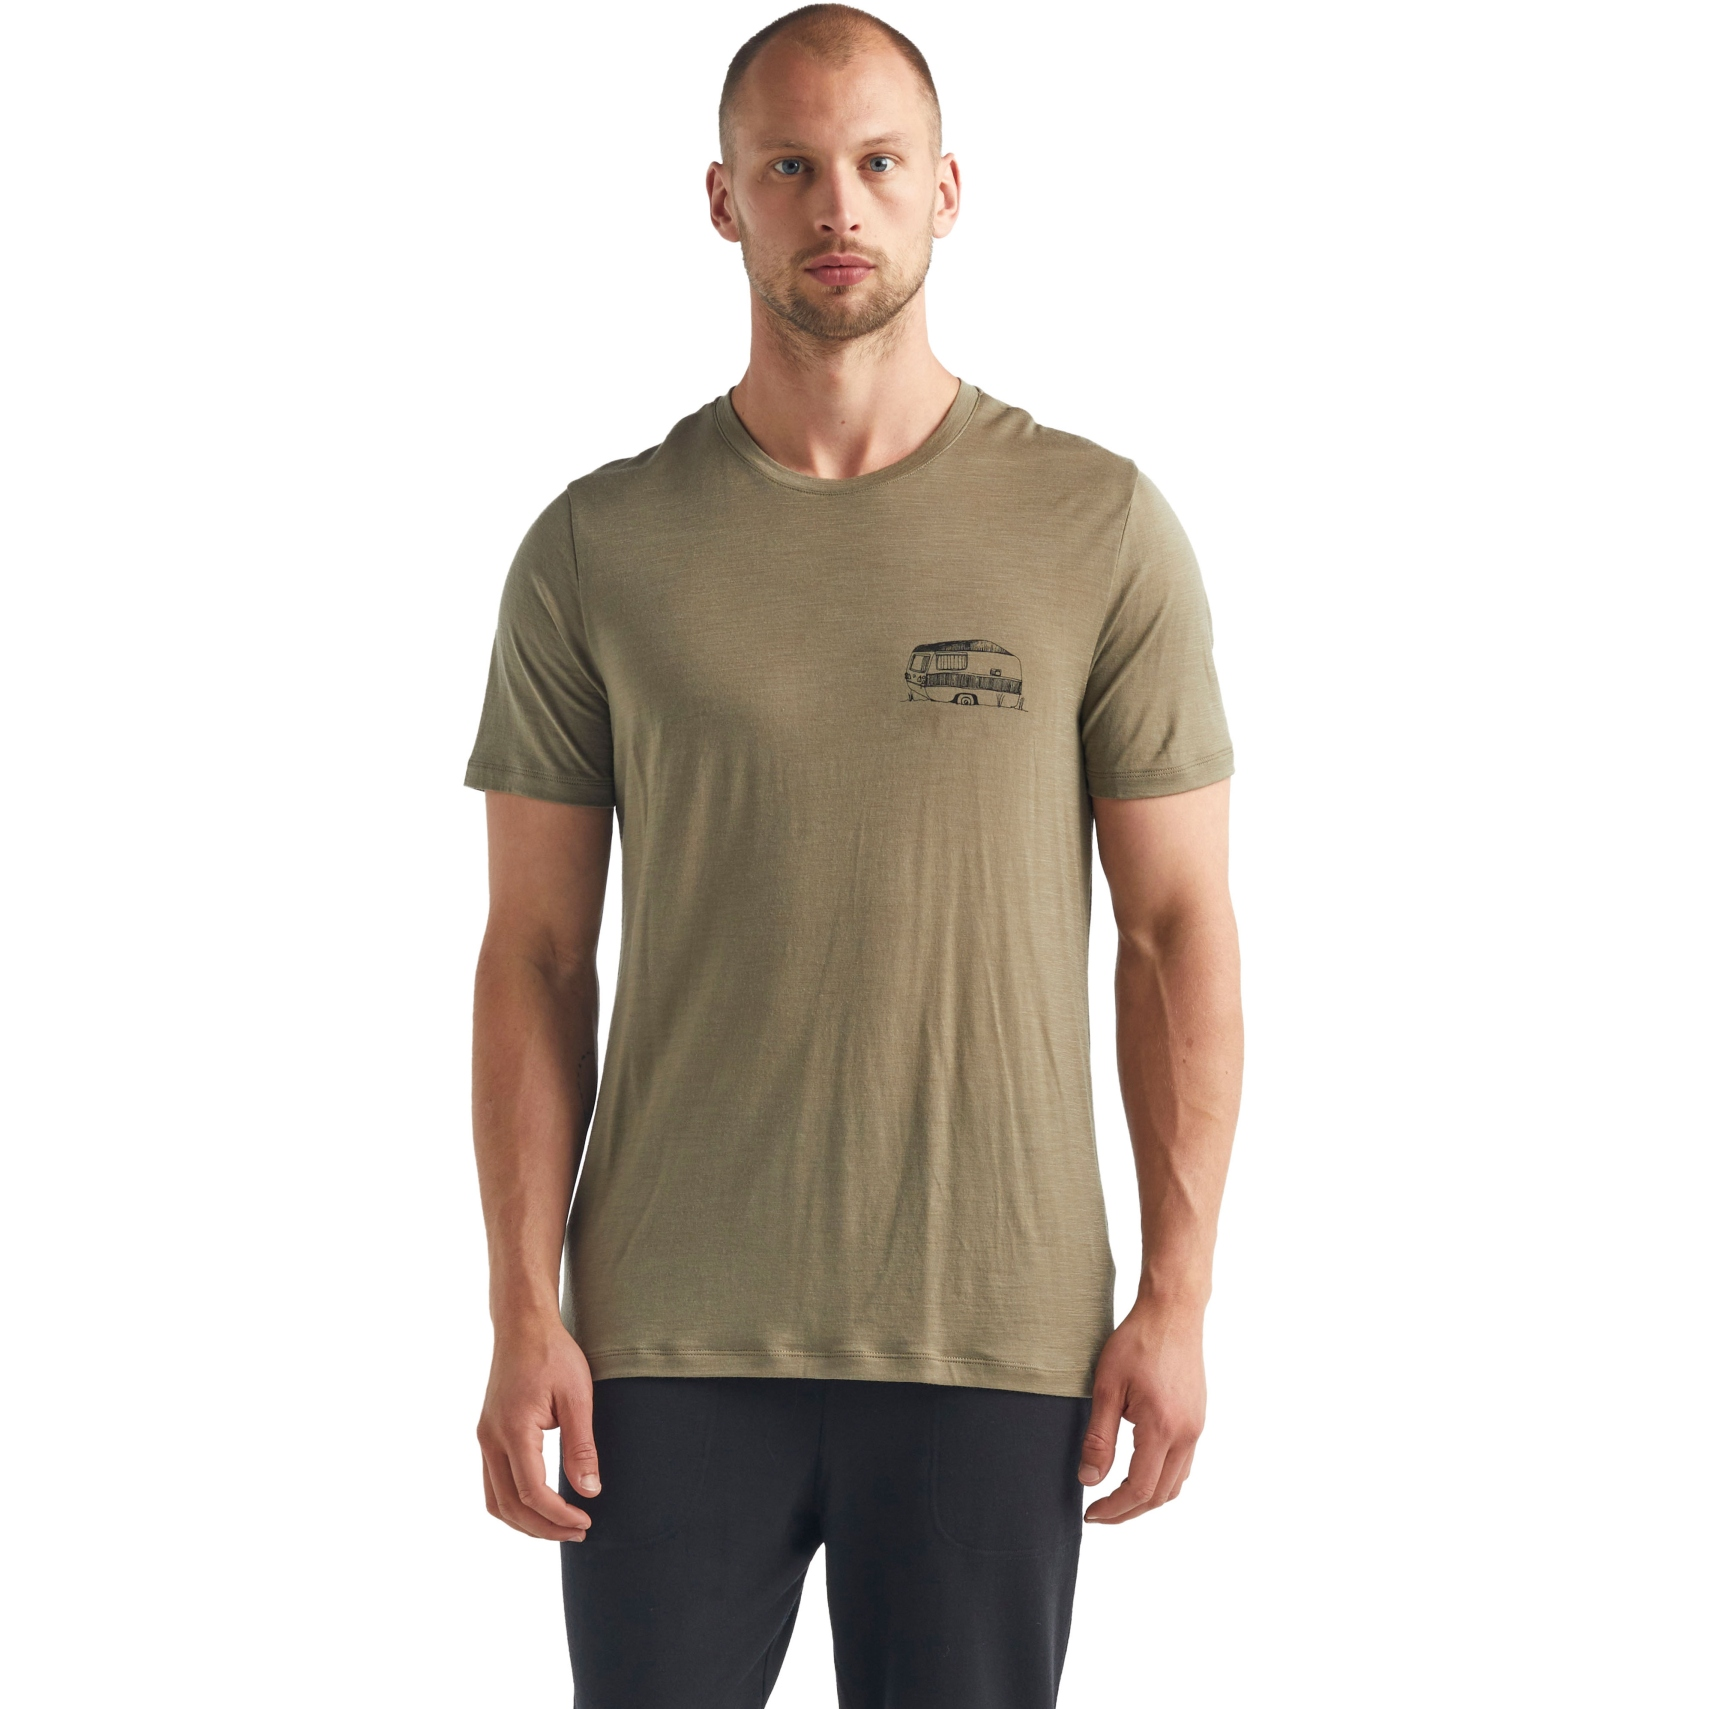 Bild von Icebreaker Tech Lite Crewe Caravan Life Herren T-Shirt - Flint